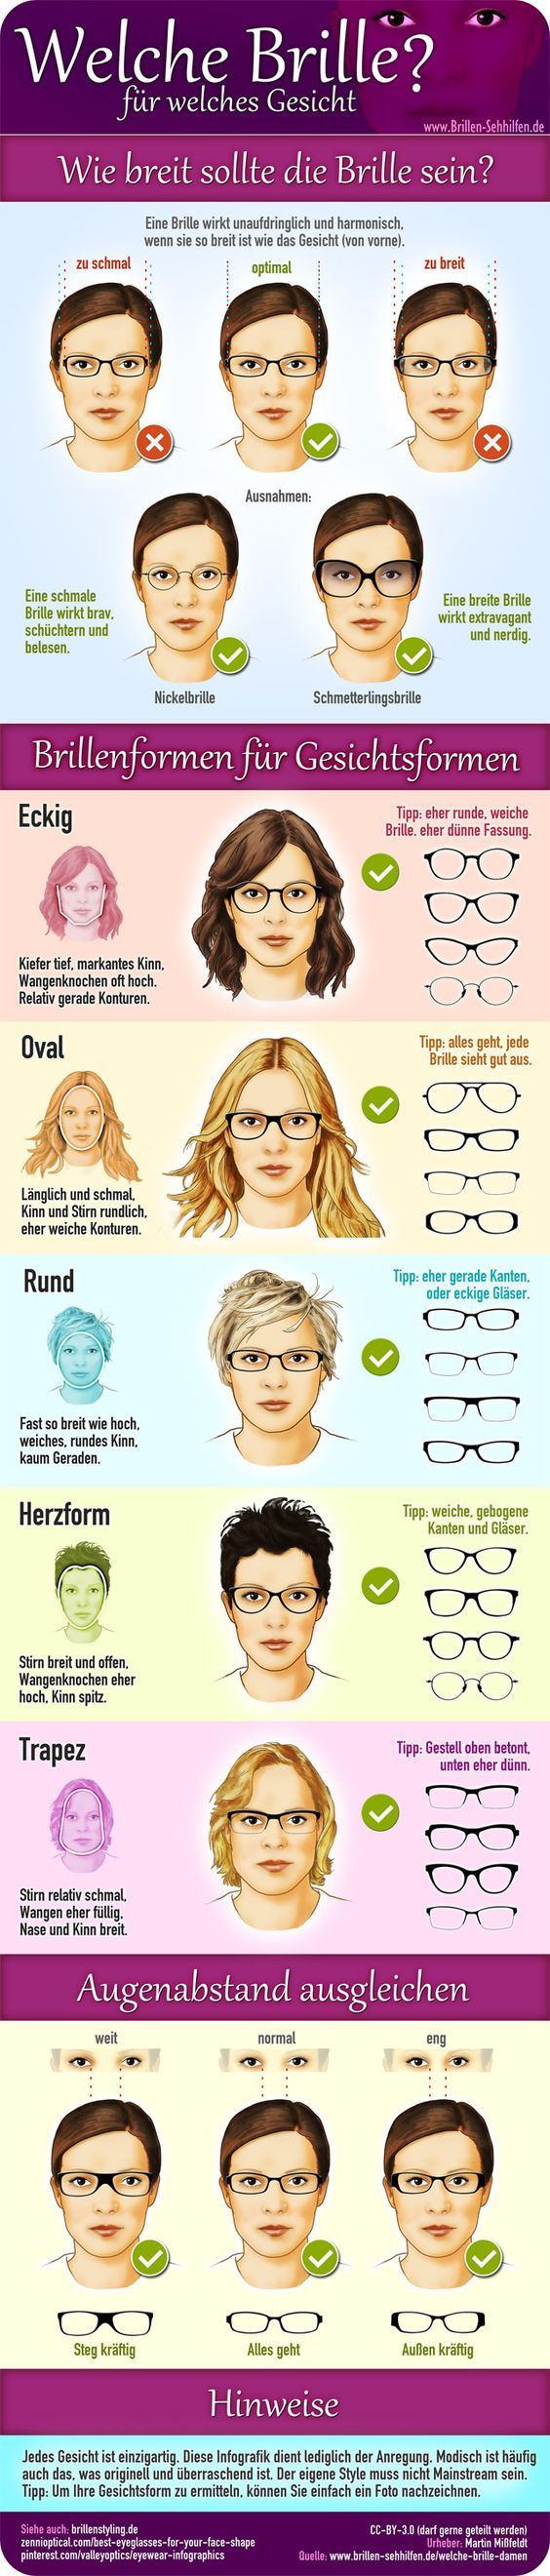 Welche Brille für welches Gesicht (Damenbrille) -> Quelle und mehr Infos: www.b… – Claudia